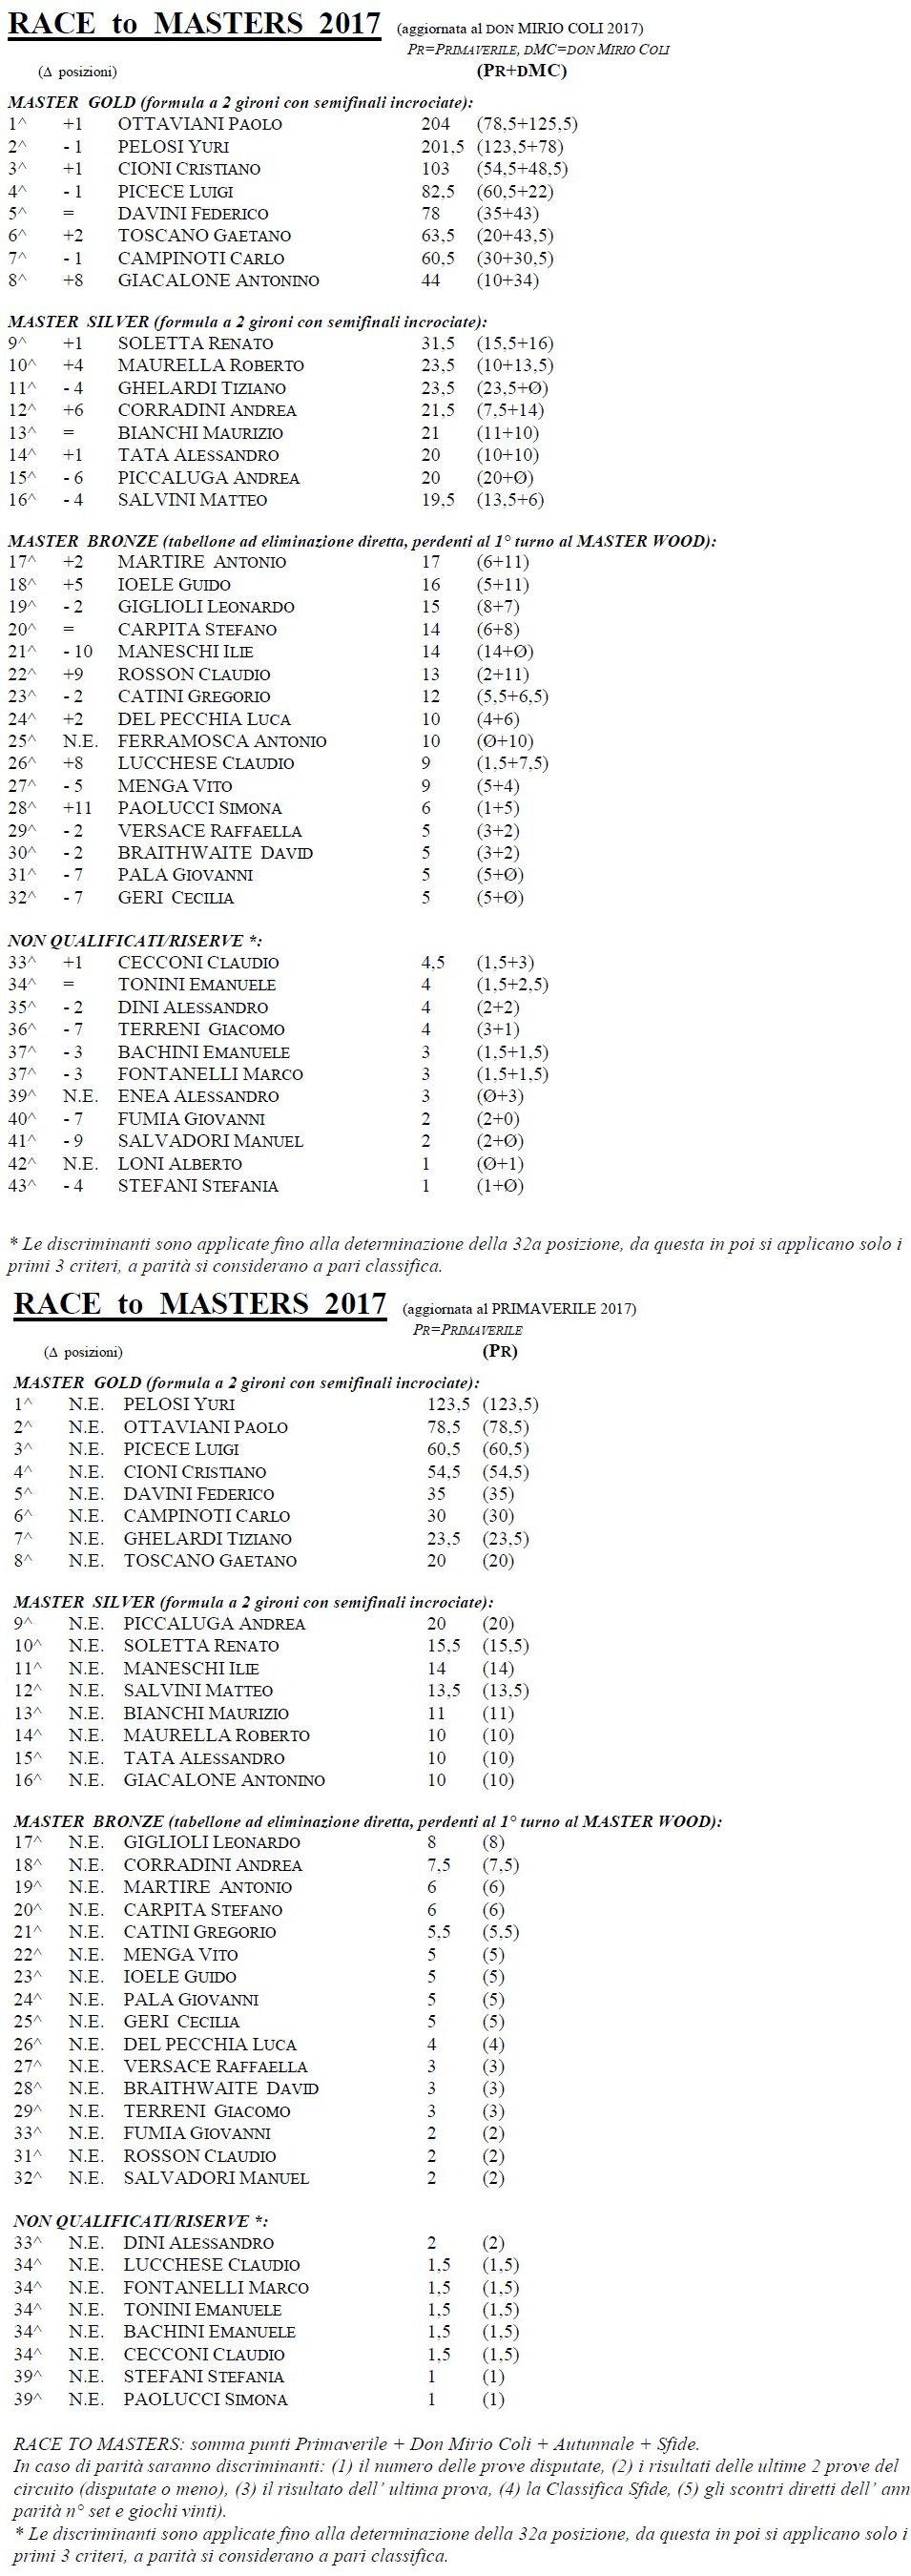 RACE to MASTERS 2017 I+II